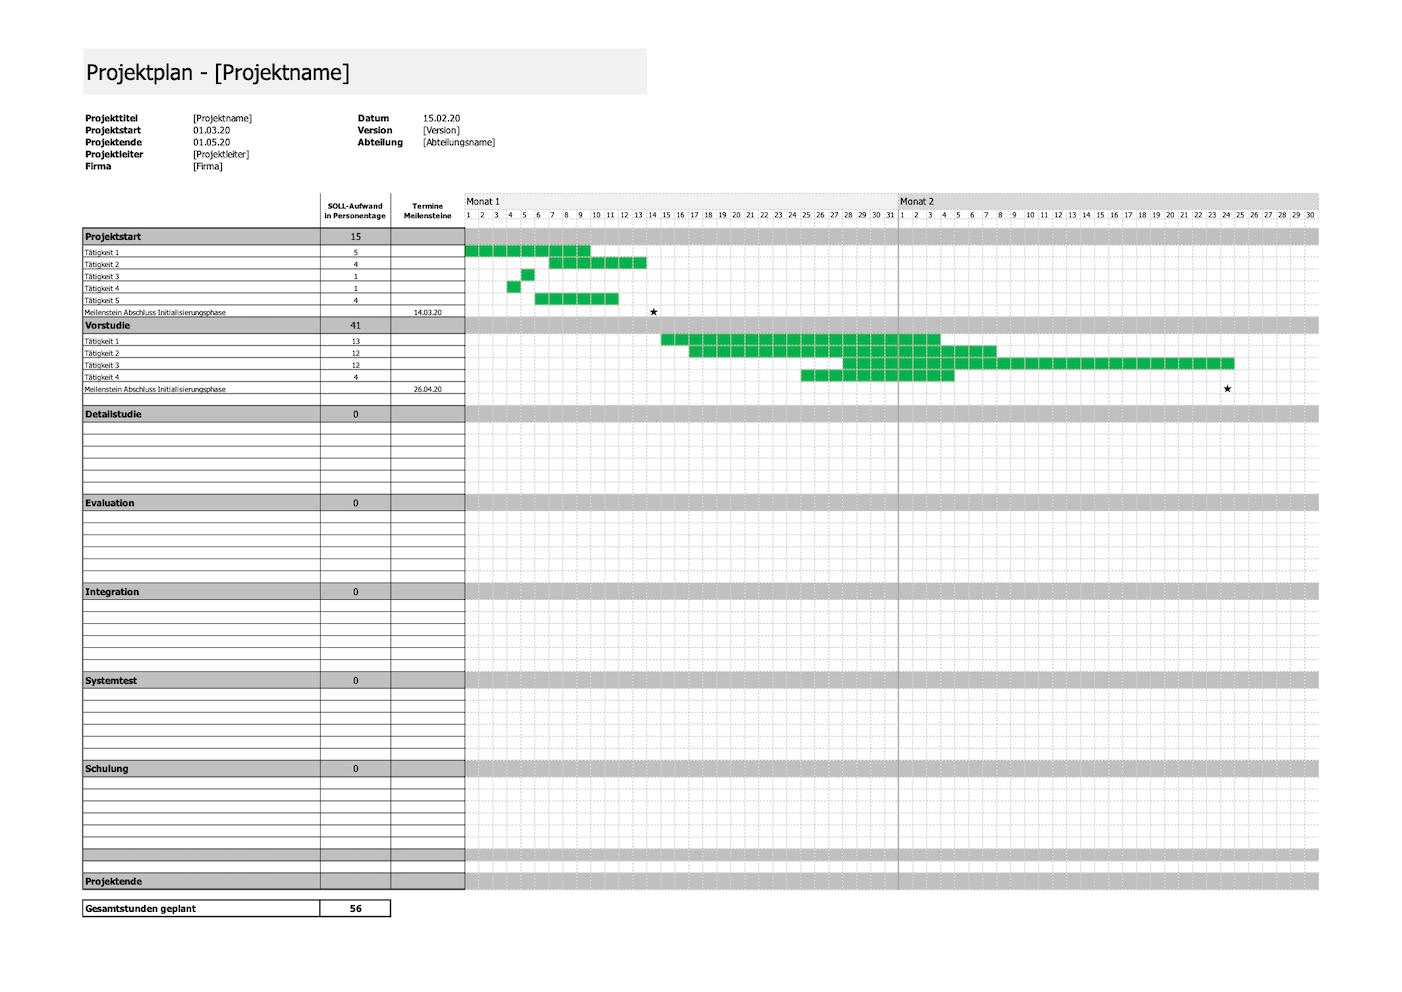 Excel Gantt Diagramm Erstellen Bedingte Formatierung 4